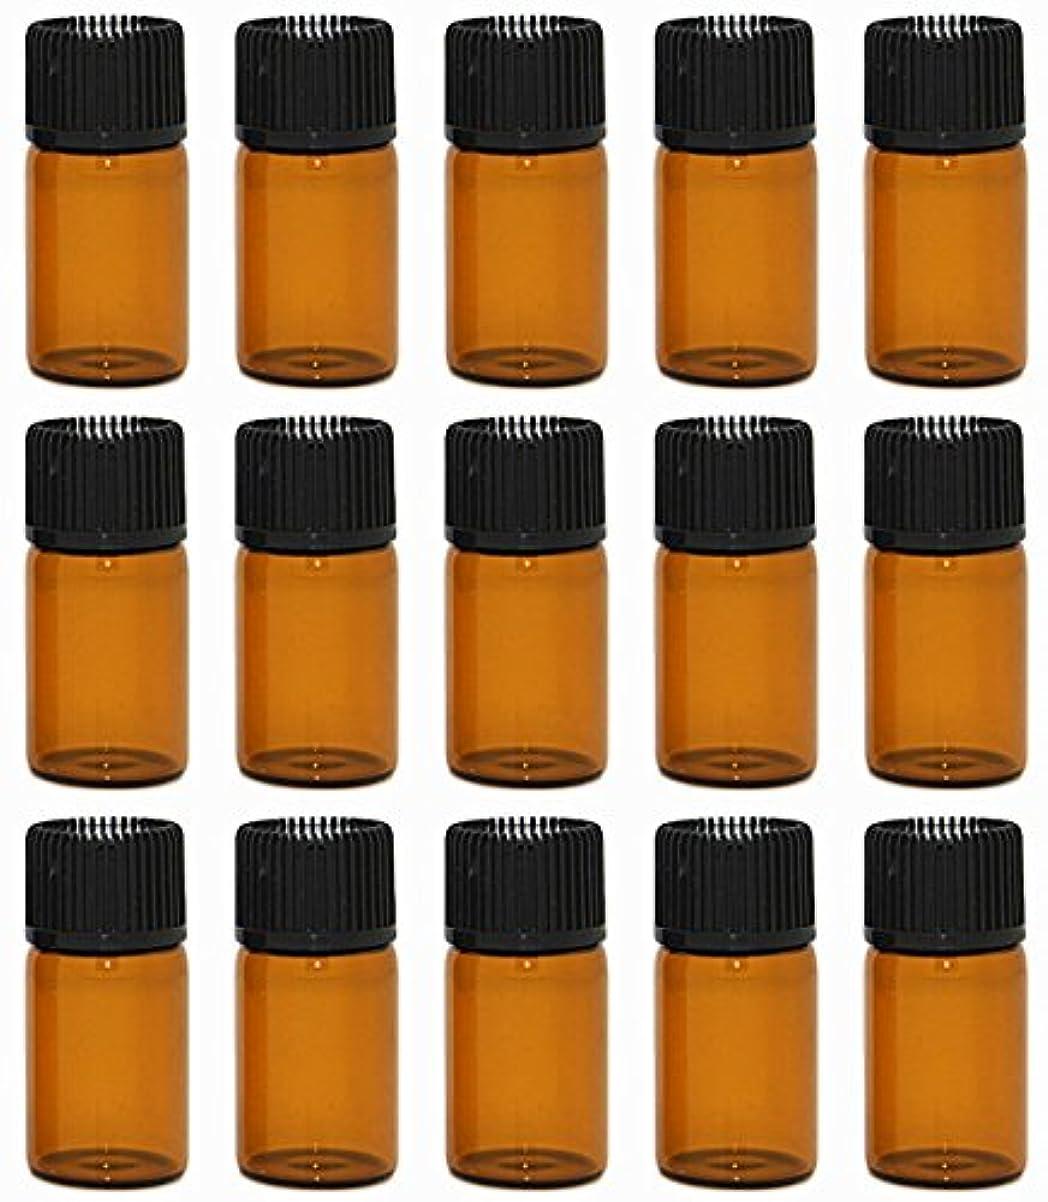 売る可決季節【Rurumi】アロマオイル 精油 小分け用 遮光瓶 セット 茶 ガラス アロマ ボトル オイル 用 茶色 瓶 ビン エッセンシャルオイル 保存 詰替え 瓶 ビン (3ml 15本 セット)